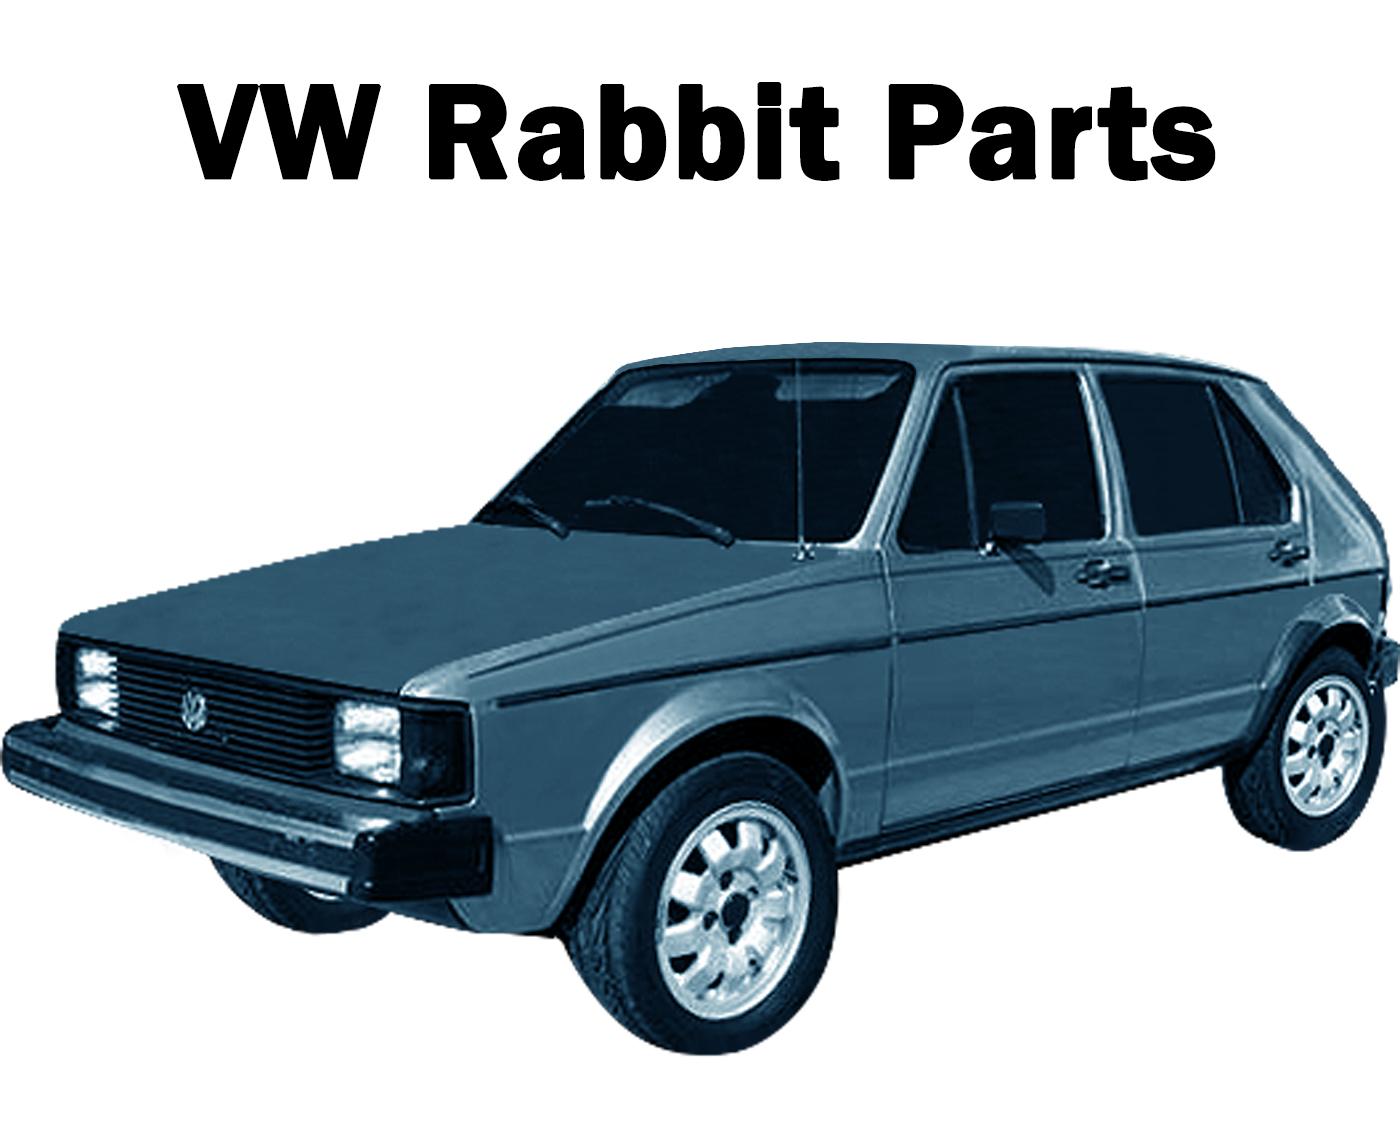 Volkswagen Golf I 1974 - 1983 Cabriolet #2